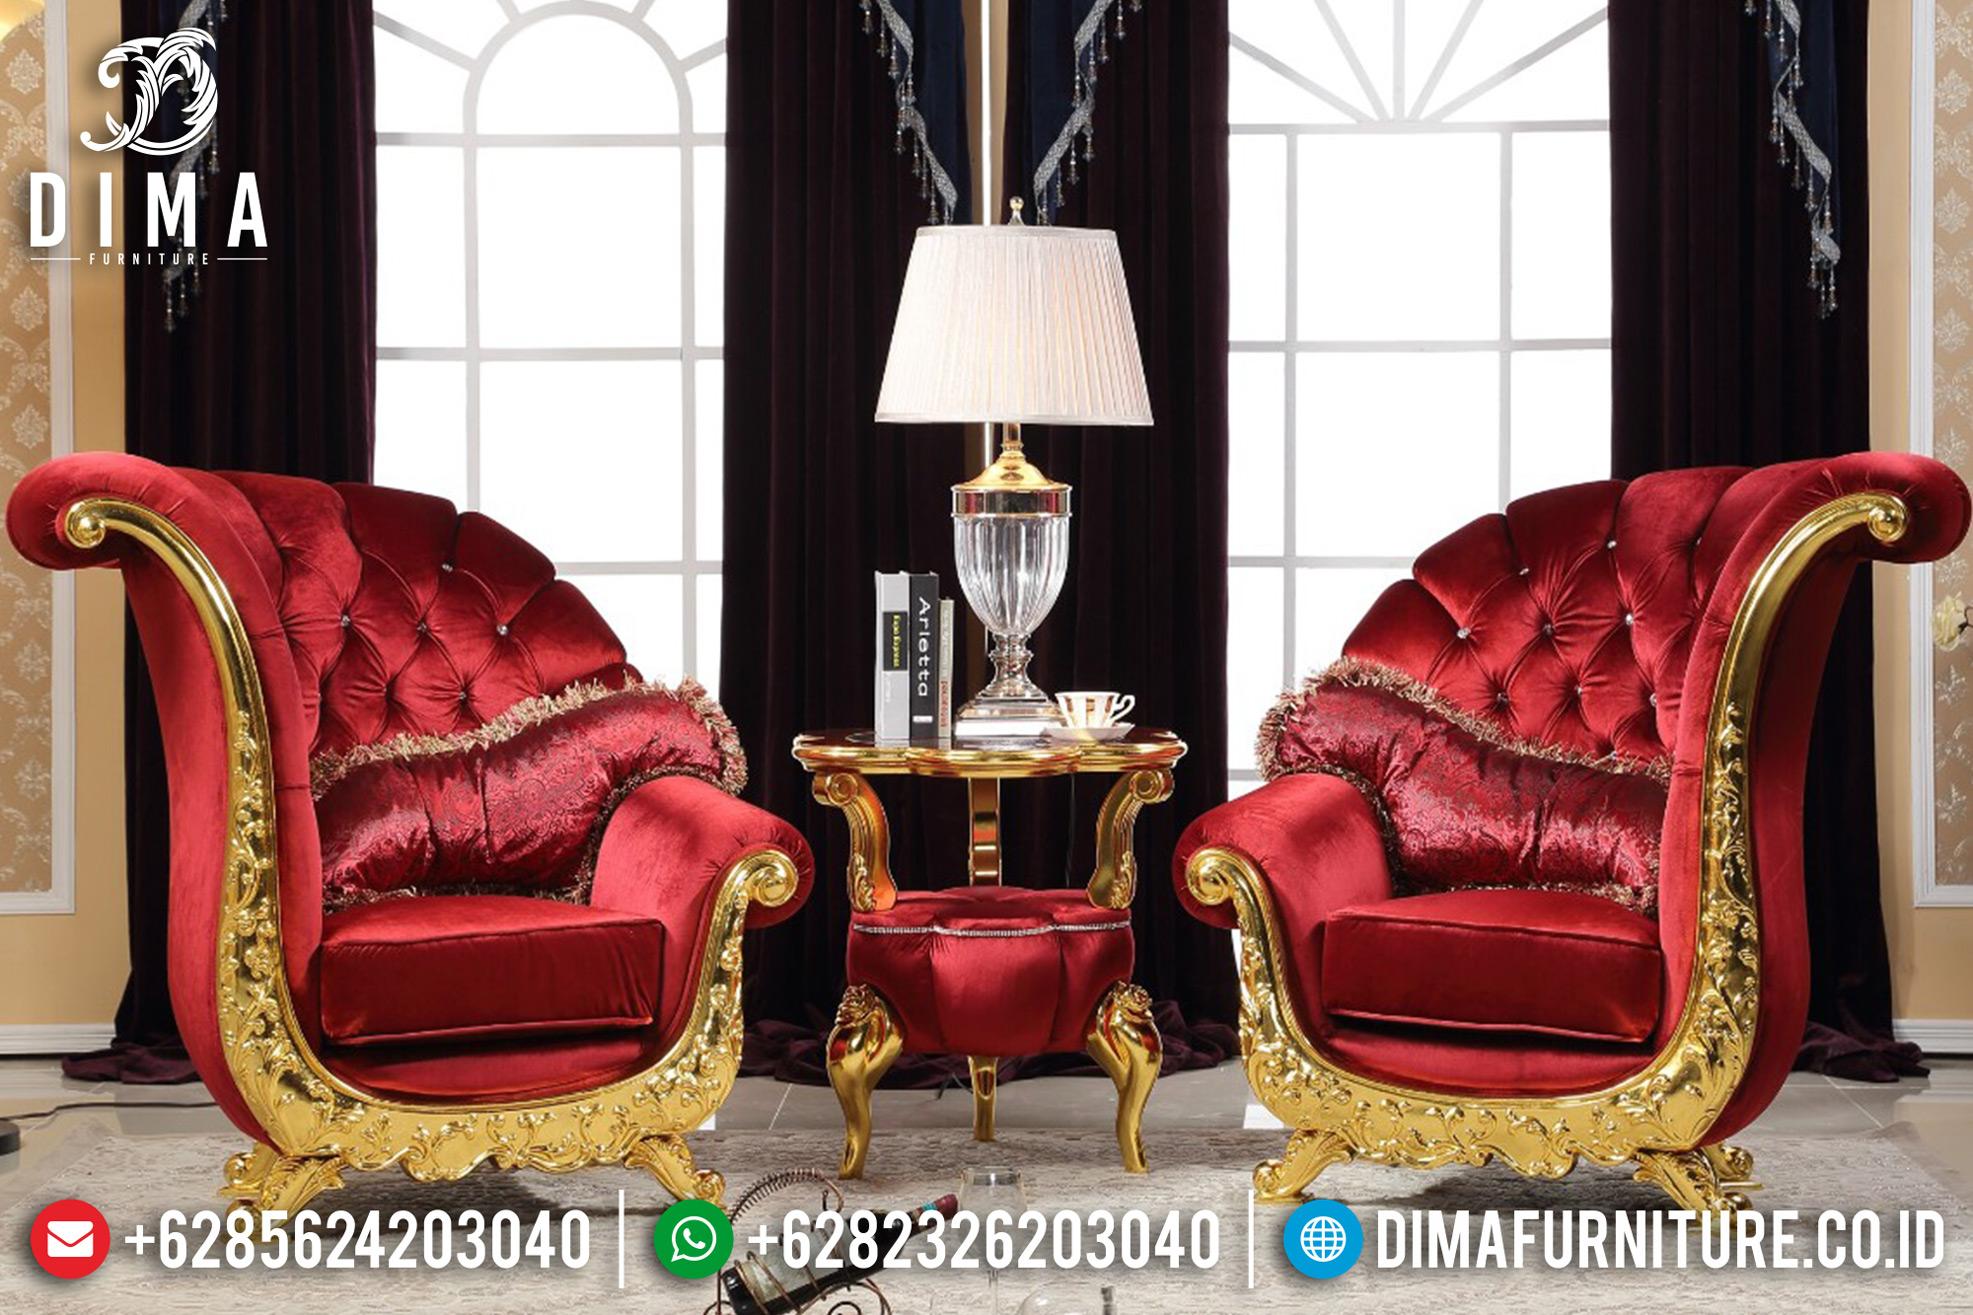 Kursi Teras Jepara Terbaru Model Sofa Tamu Mewah Kipas Silver Duco DF-0688 Gambar 2